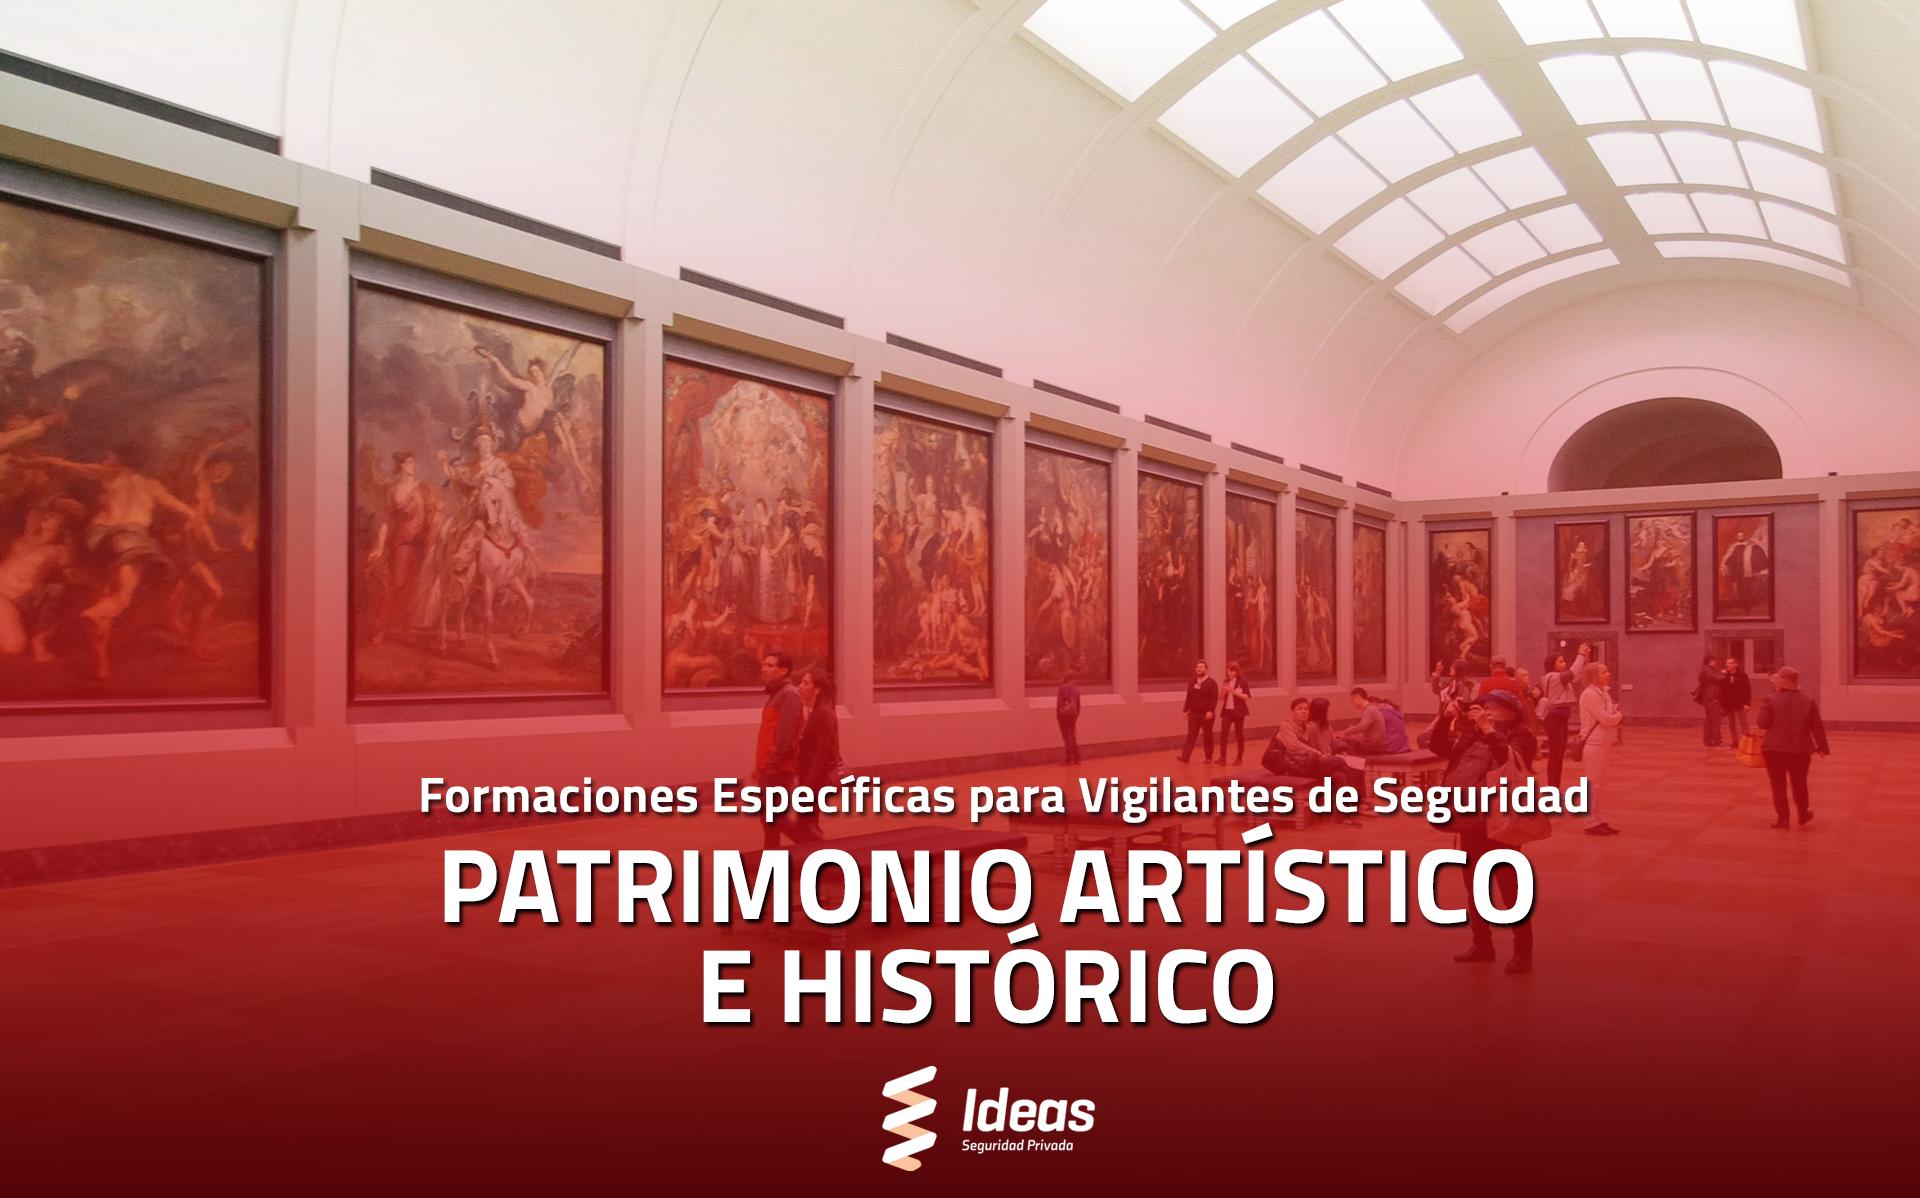 Patrimonios Artísticos e Históricos